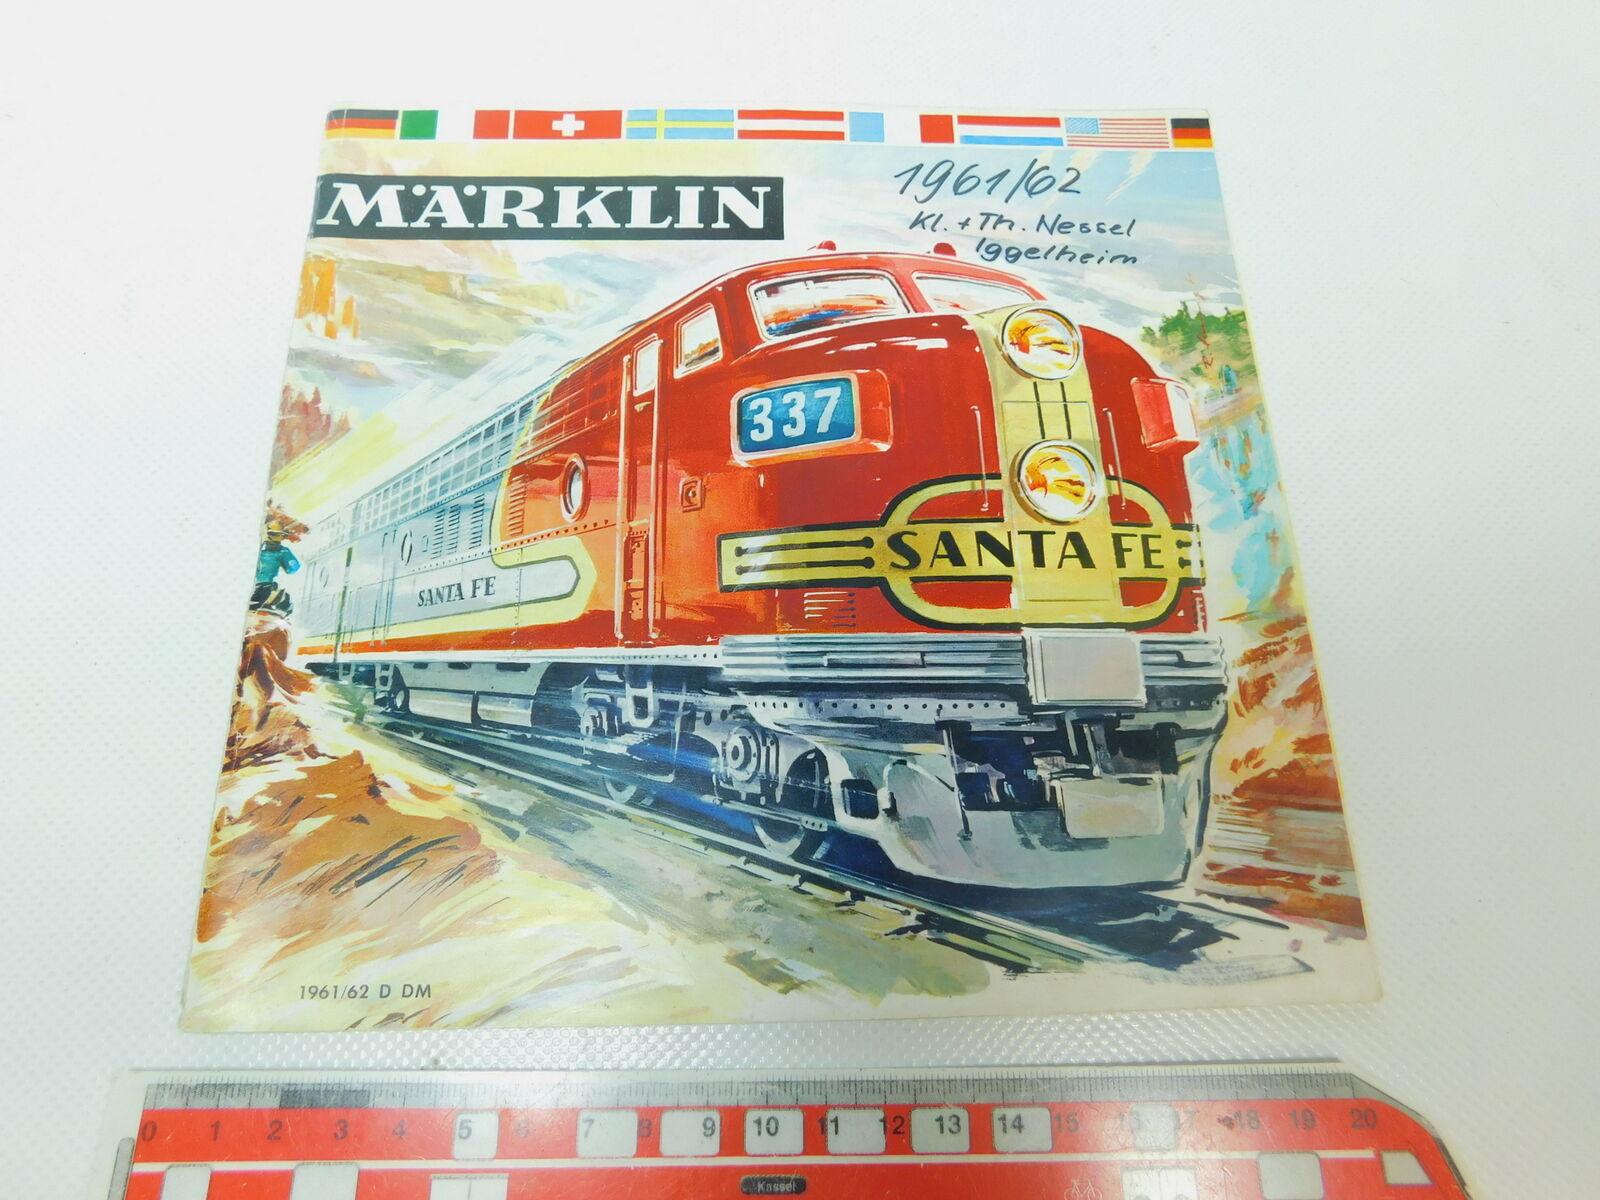 BP407-0,5 Märklin Catalogo 1961 62 D Dm senza Buono Acquisto